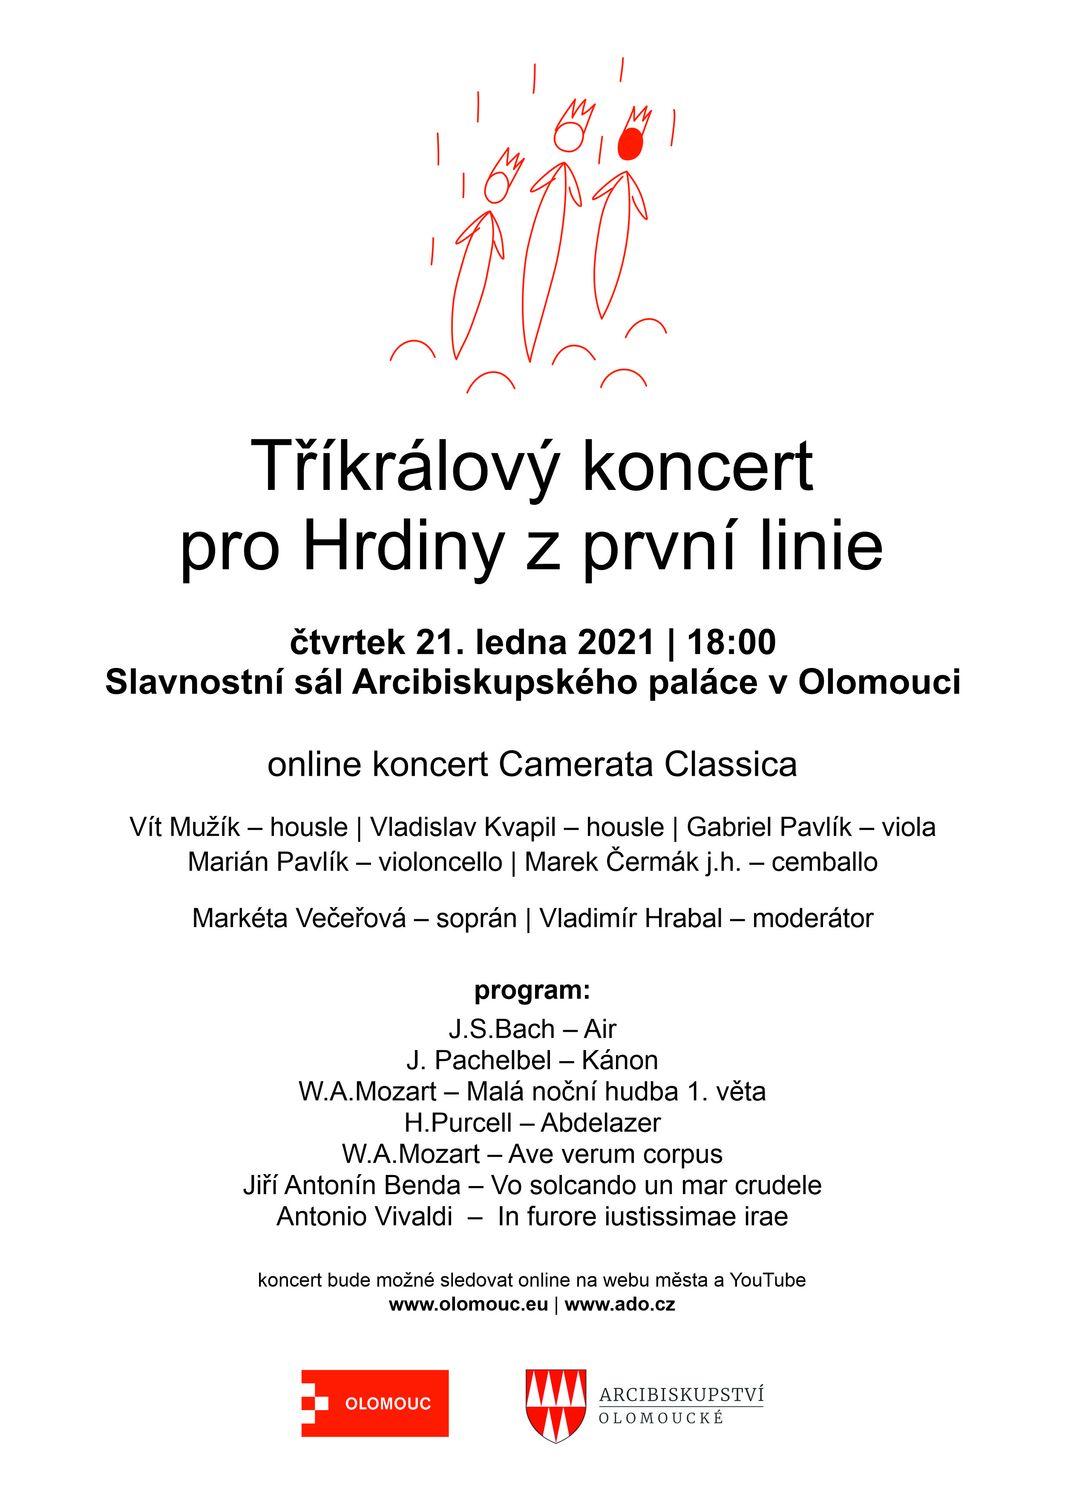 Tříkrálový koncert pro Hrdiny z první linie